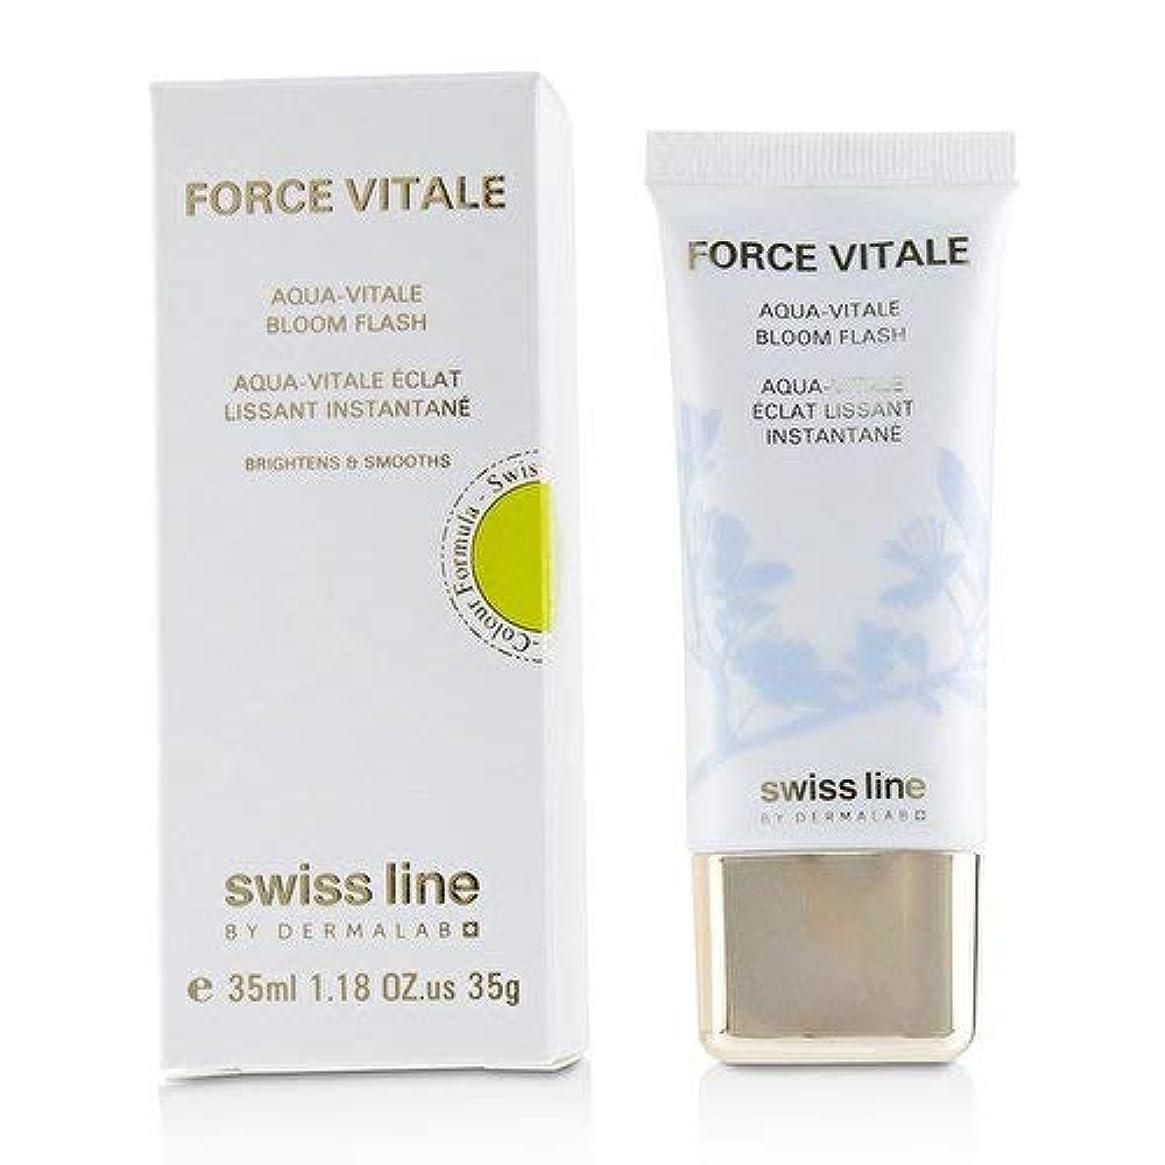 キッチン現代の表現スイスライン Force Vitale Aqua-Vitale Bloom Flash 35ml並行輸入品